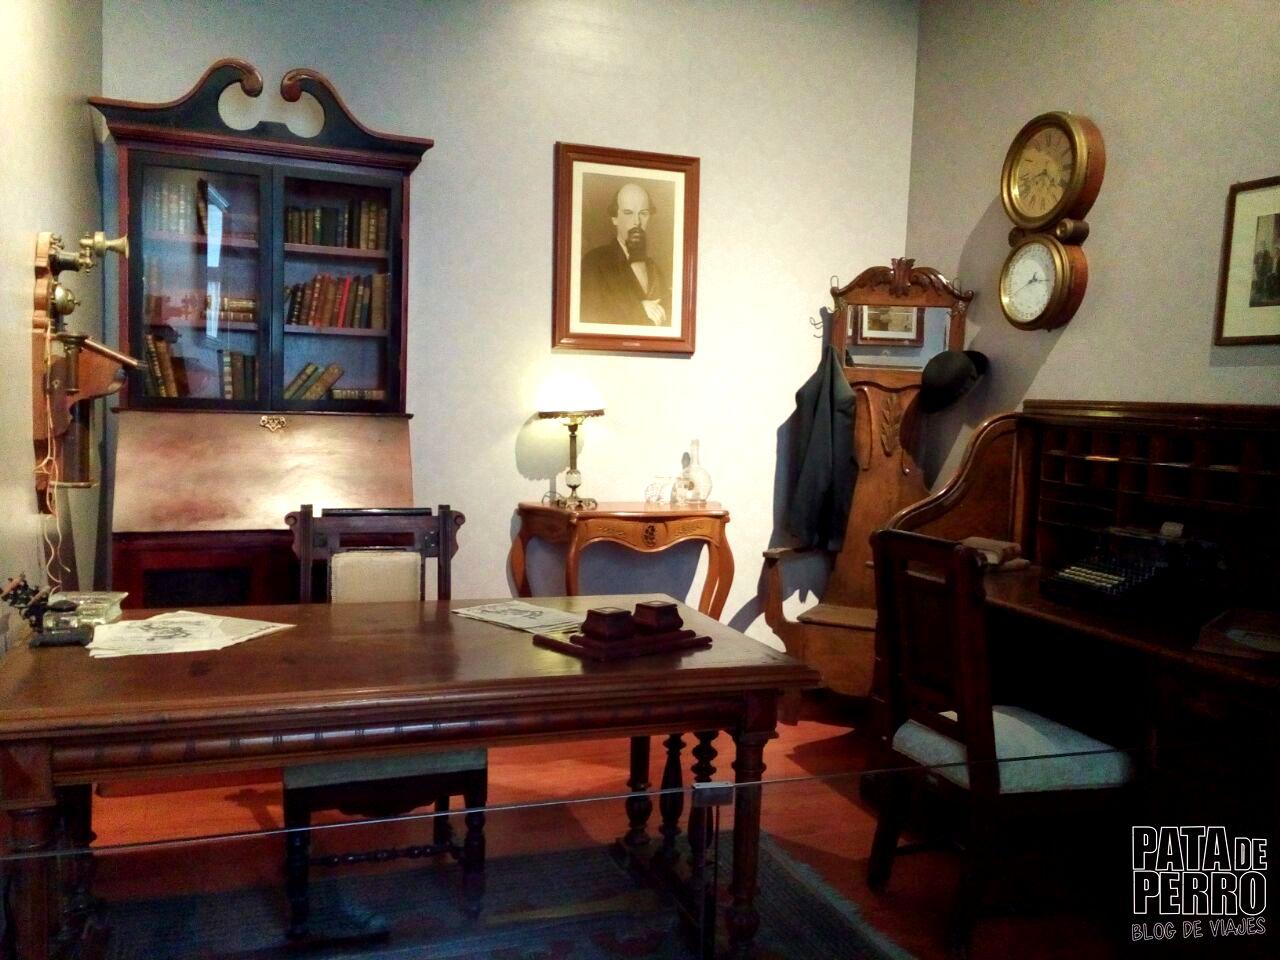 museo-regional-de-la-revolucion-mexicana-casa-de-los-hermanos-serdan-pata-de-perro-blog-de-viajes09